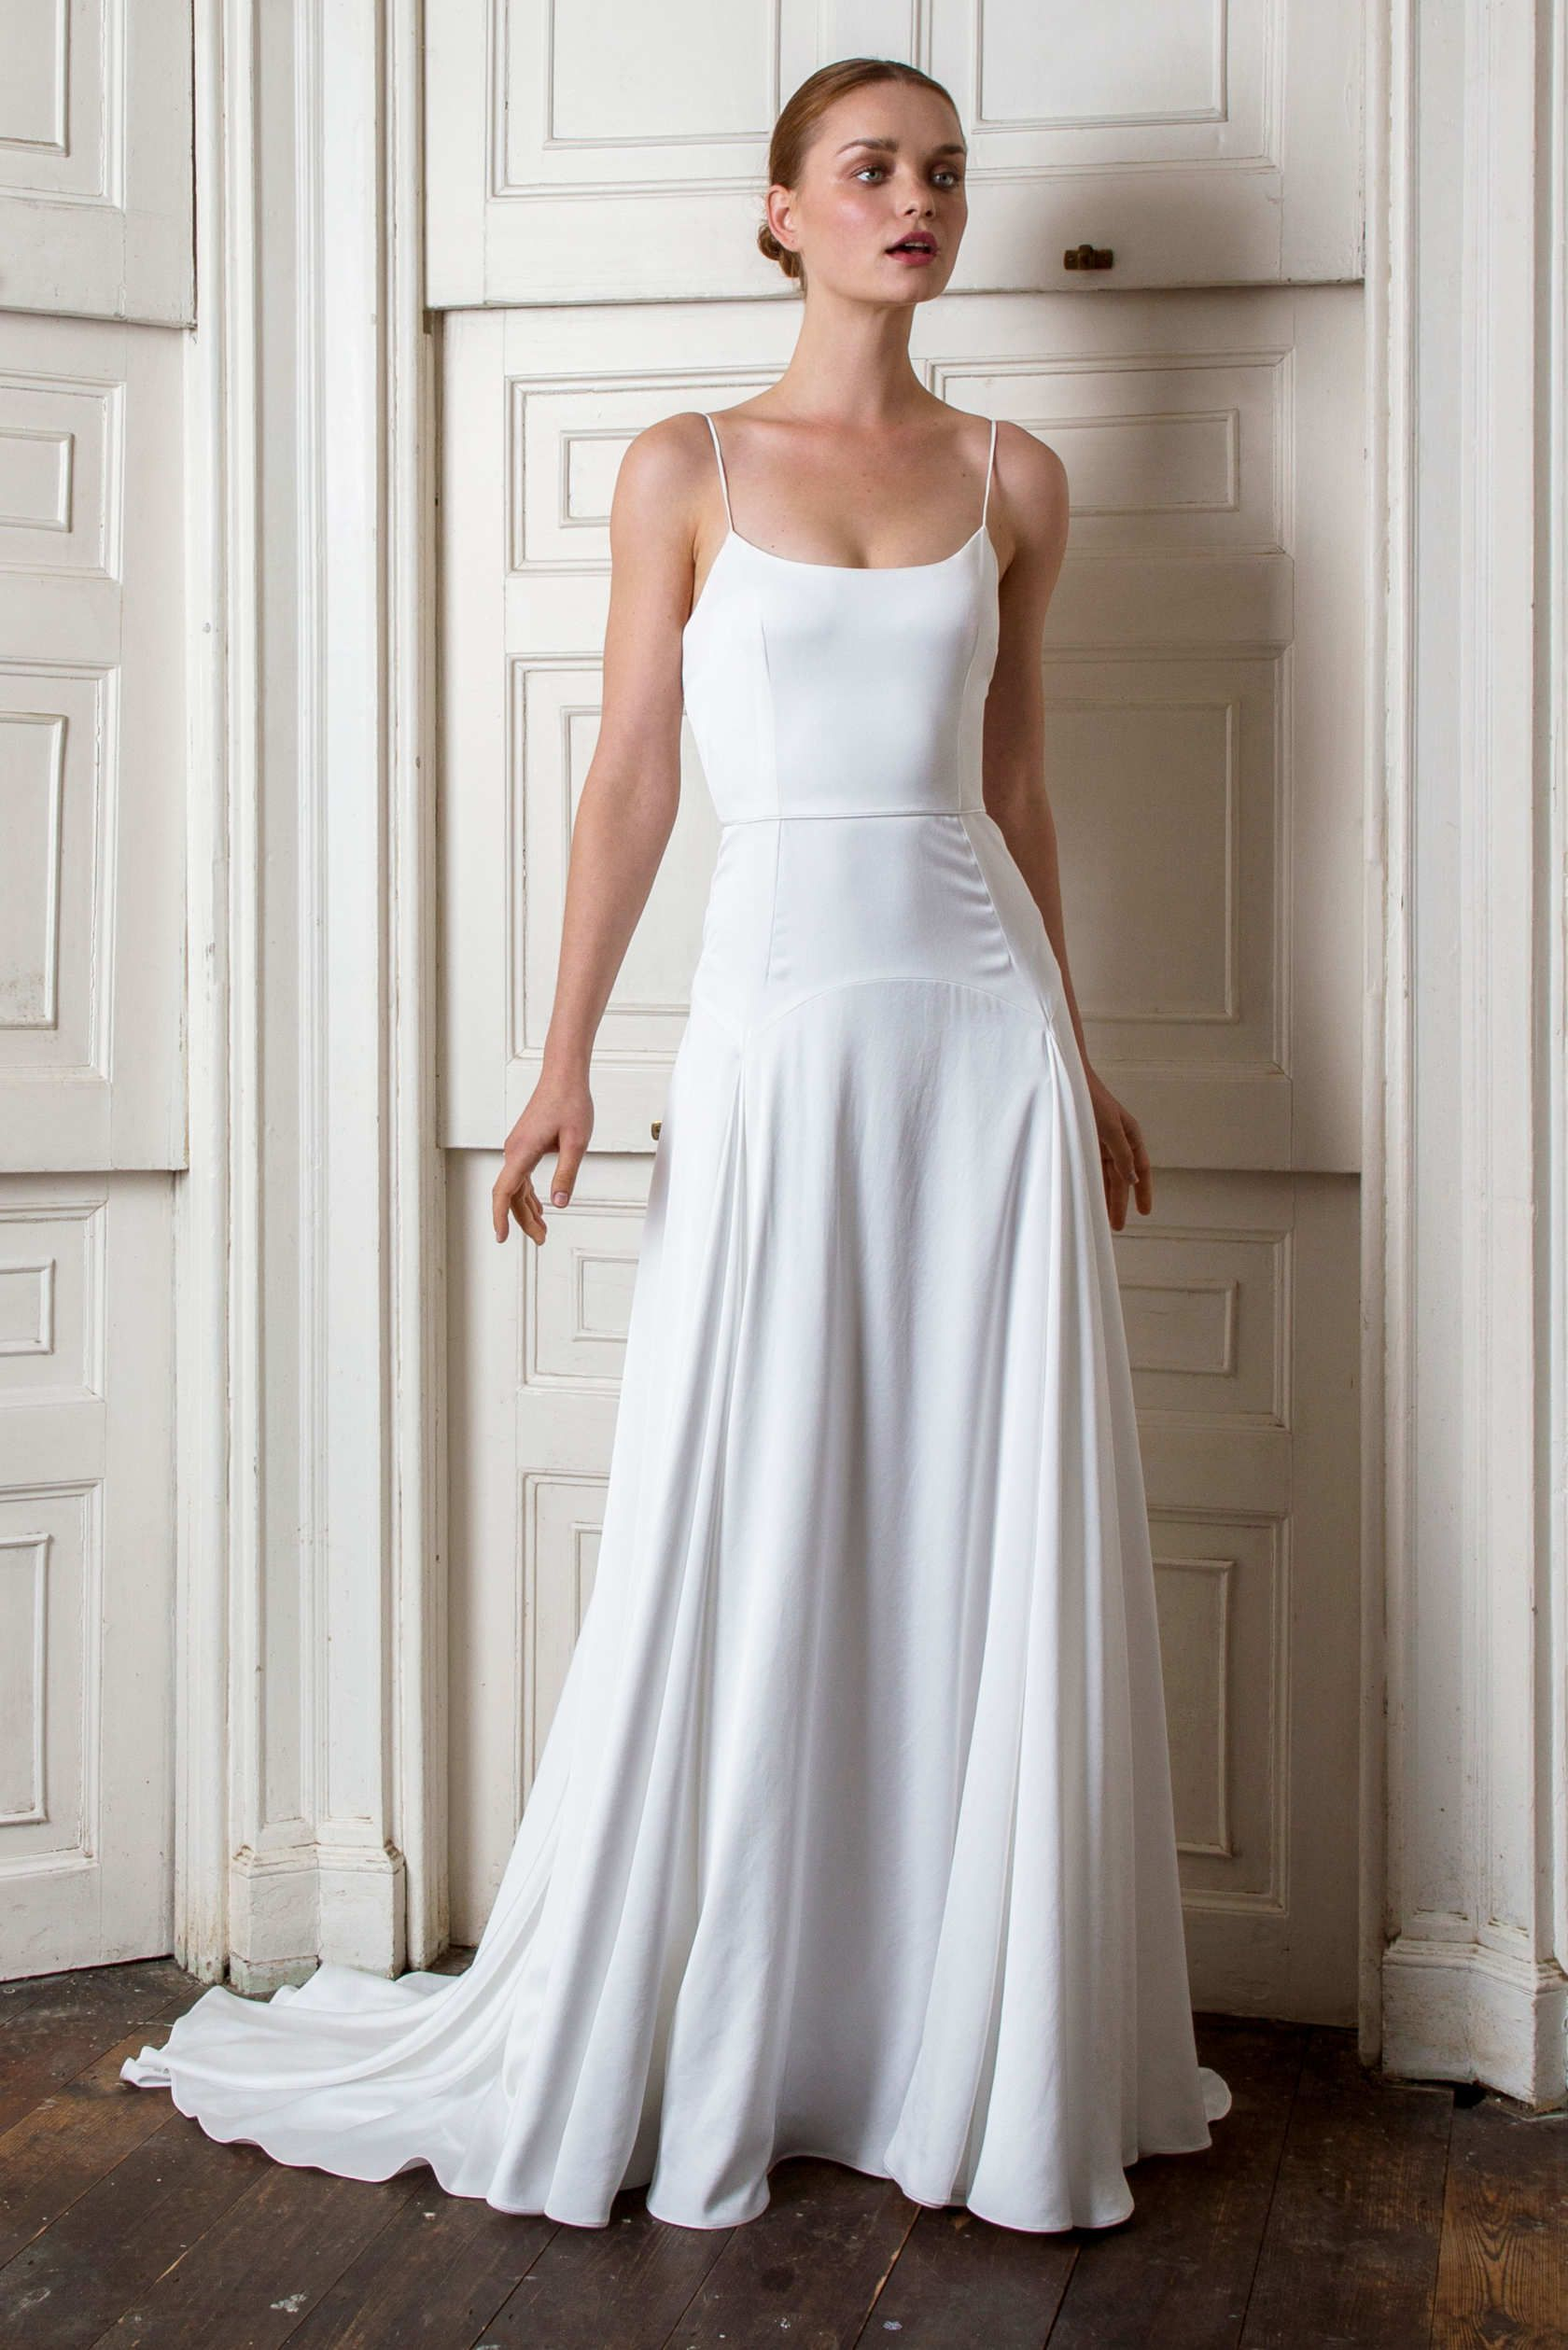 Vestidos de novia para boda civil: Más de 90 diseños ¡súper top! | Melissa Lara  – Boda